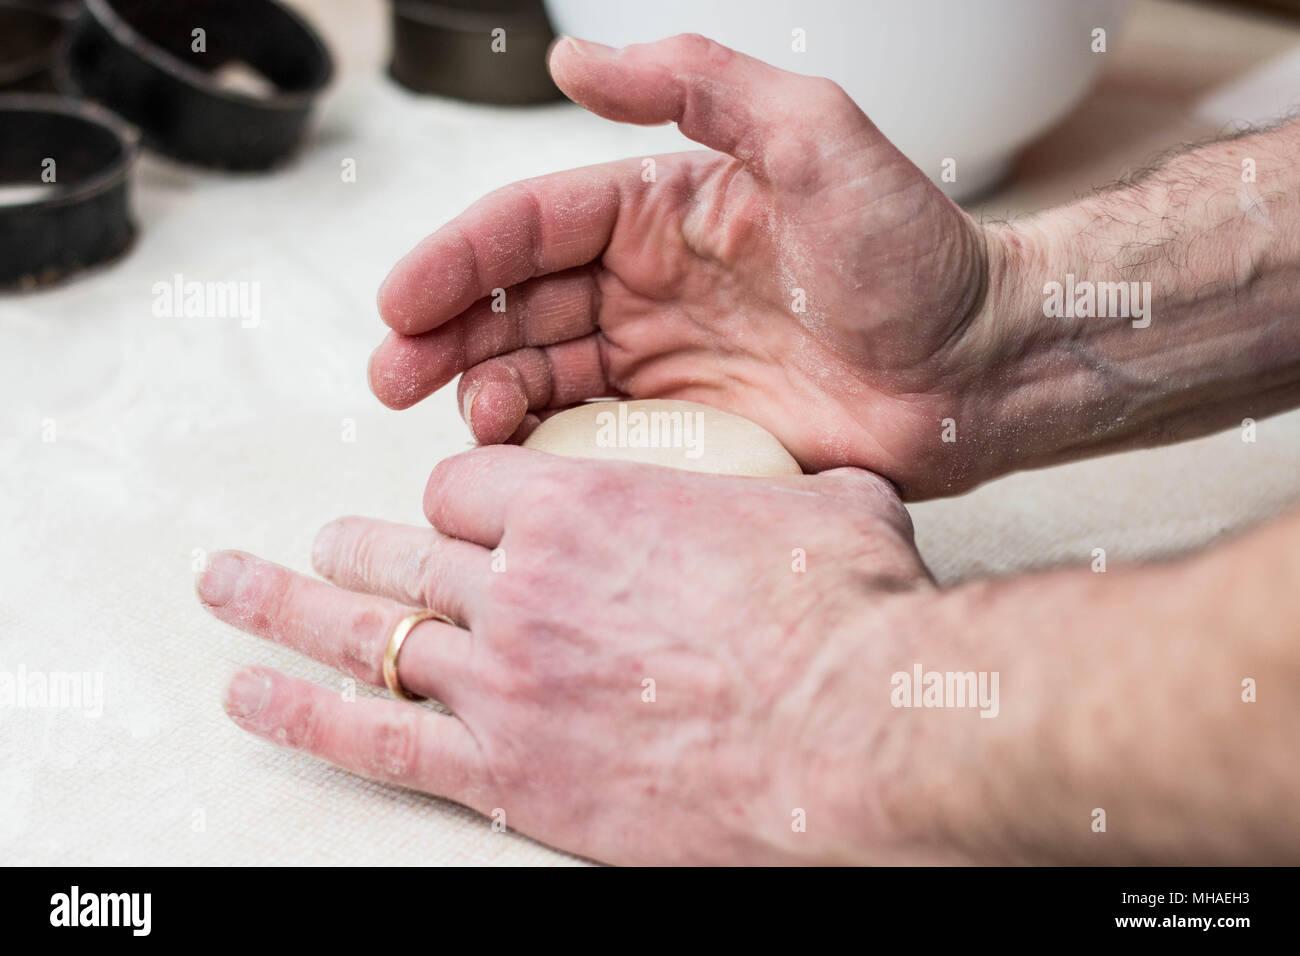 Making Artisan pork pies - Stock Image